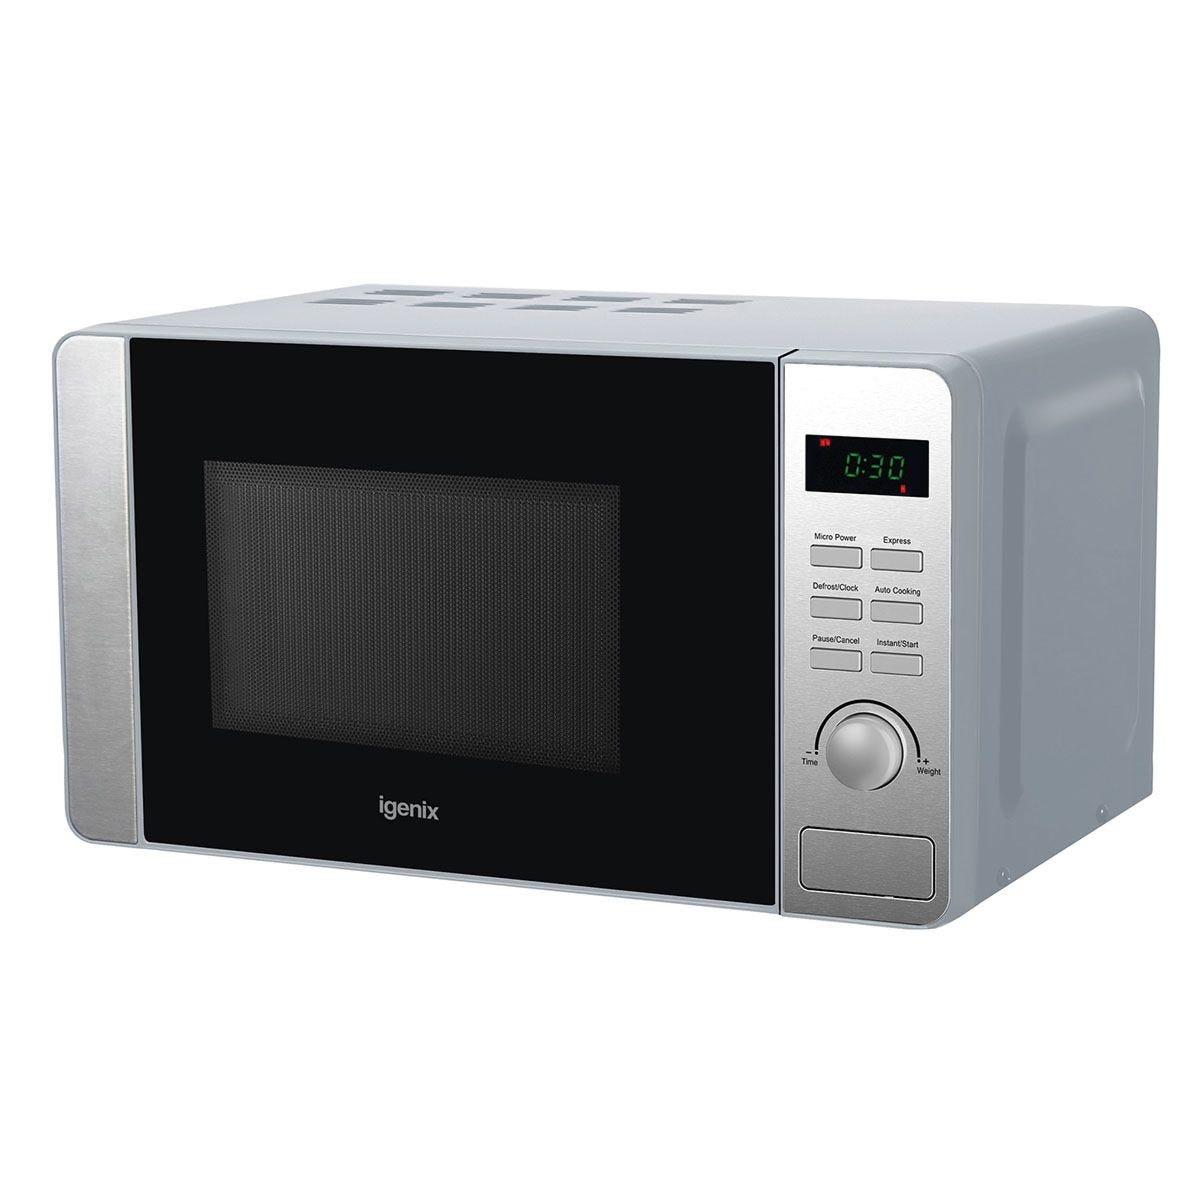 Igenix IG2086 800W Digital 20L Microwave – Stainless Steel